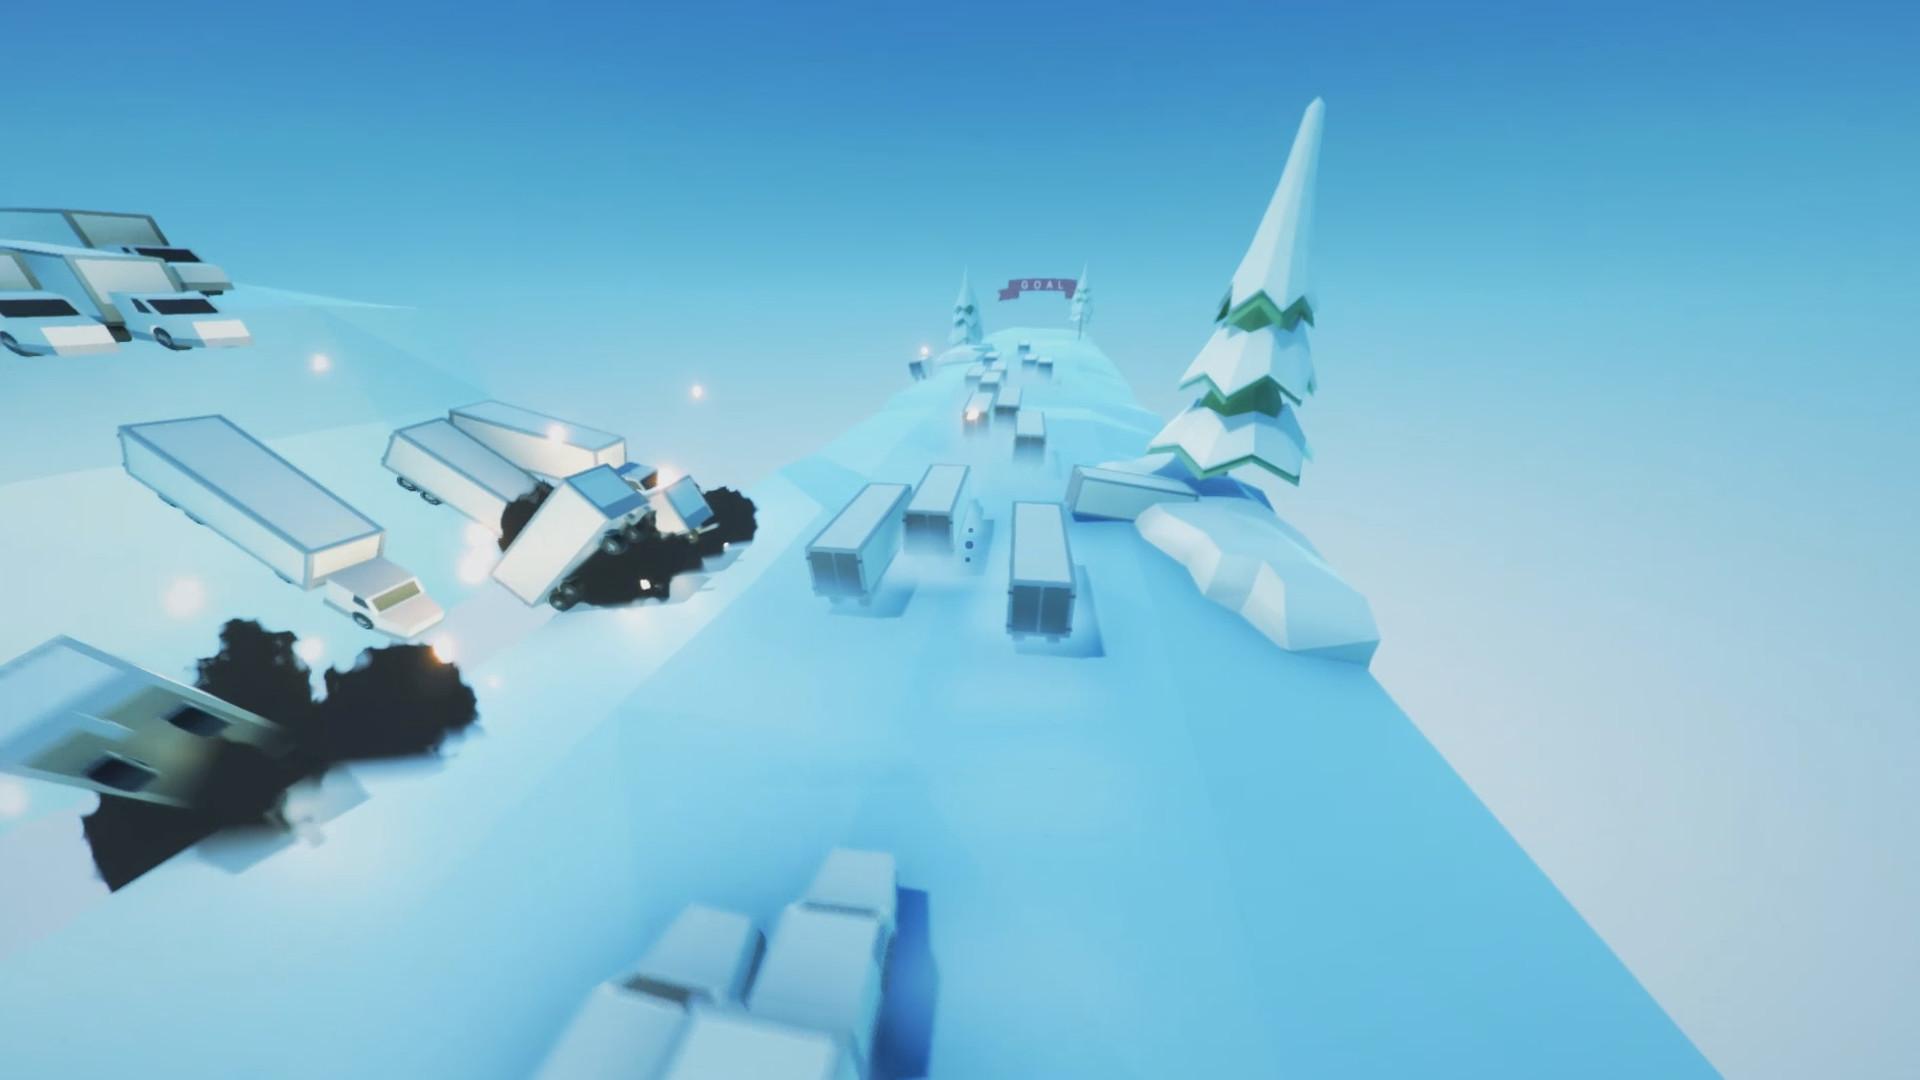 Clustertruck Screenshot 3